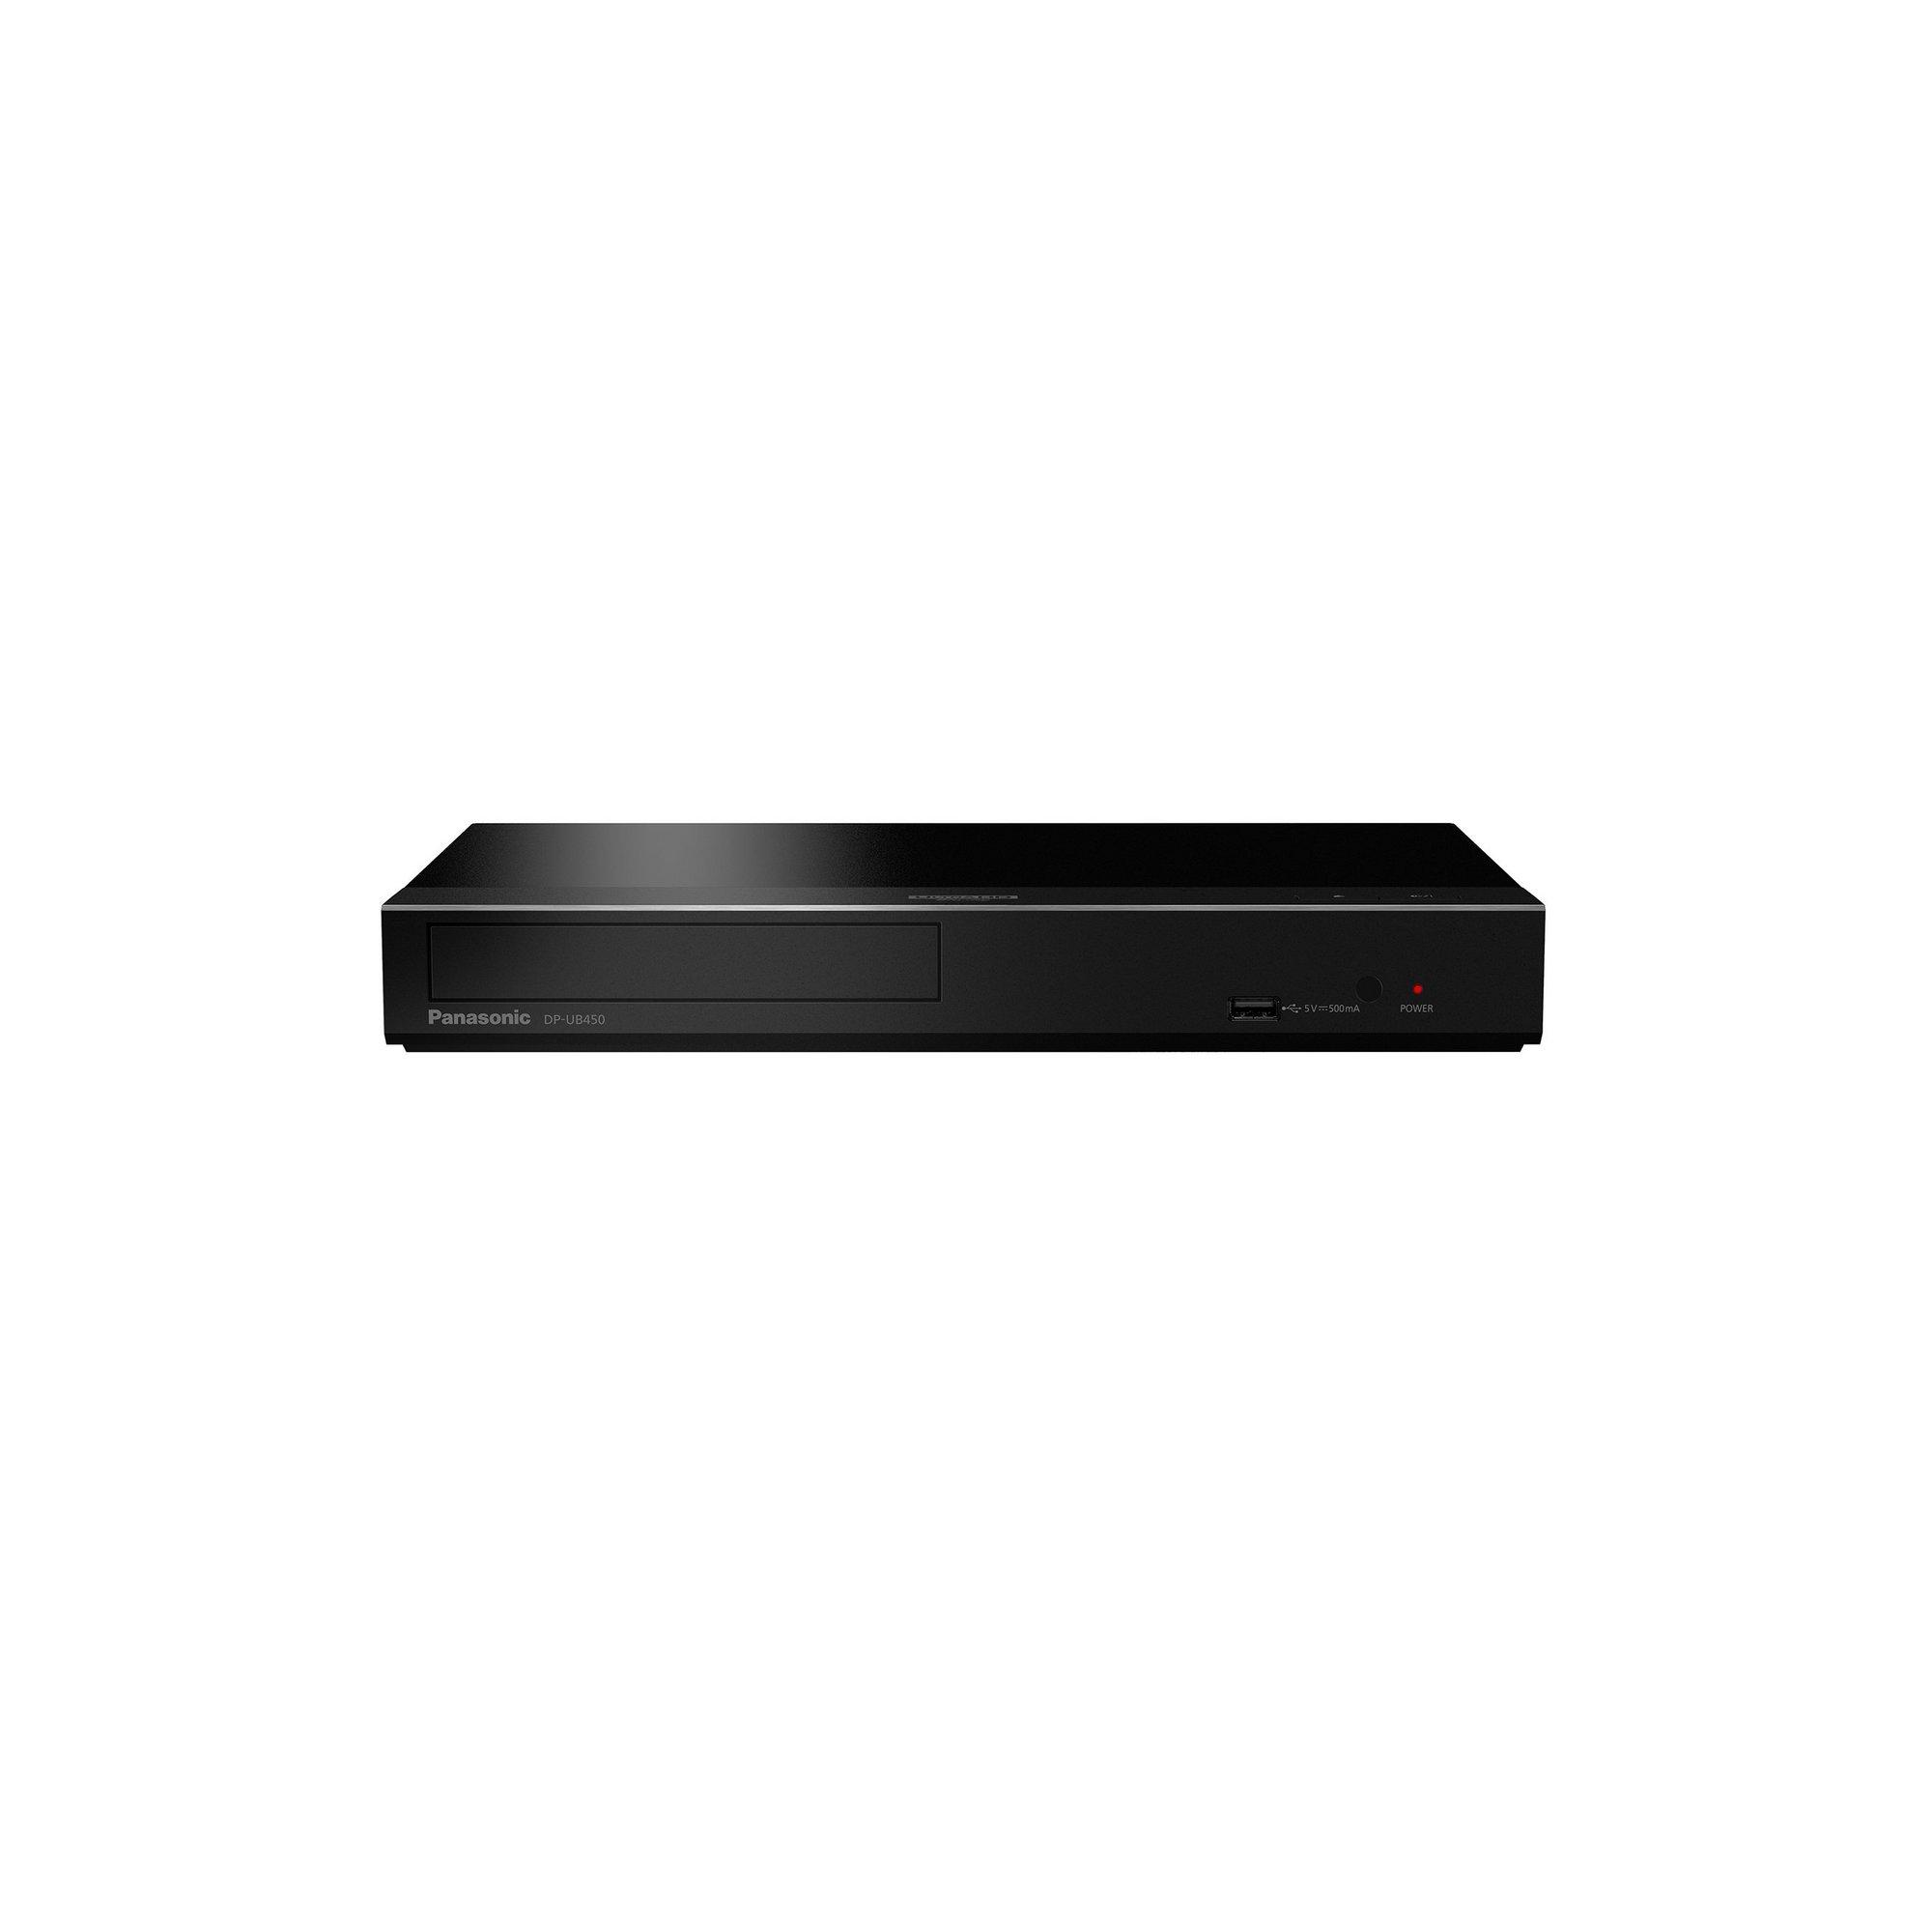 Image of Panasonic DPUB450EB 4K Ultra HD Blu Ray Player